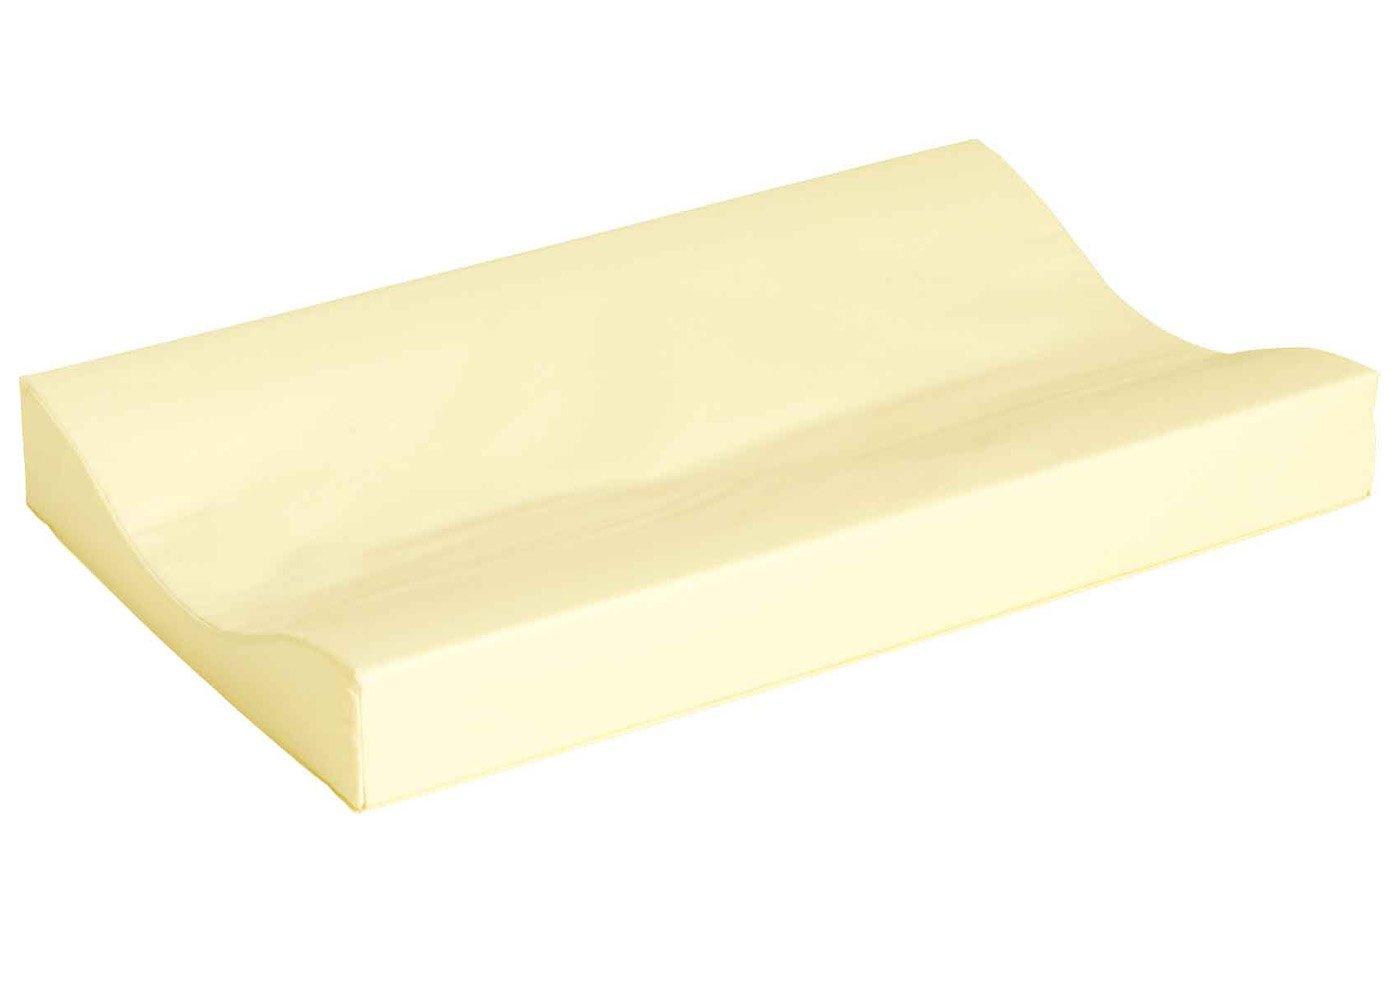 Bébé-Jou 480019.0 - Cambiador plastificado, 72 x 44 cm, color amarillo